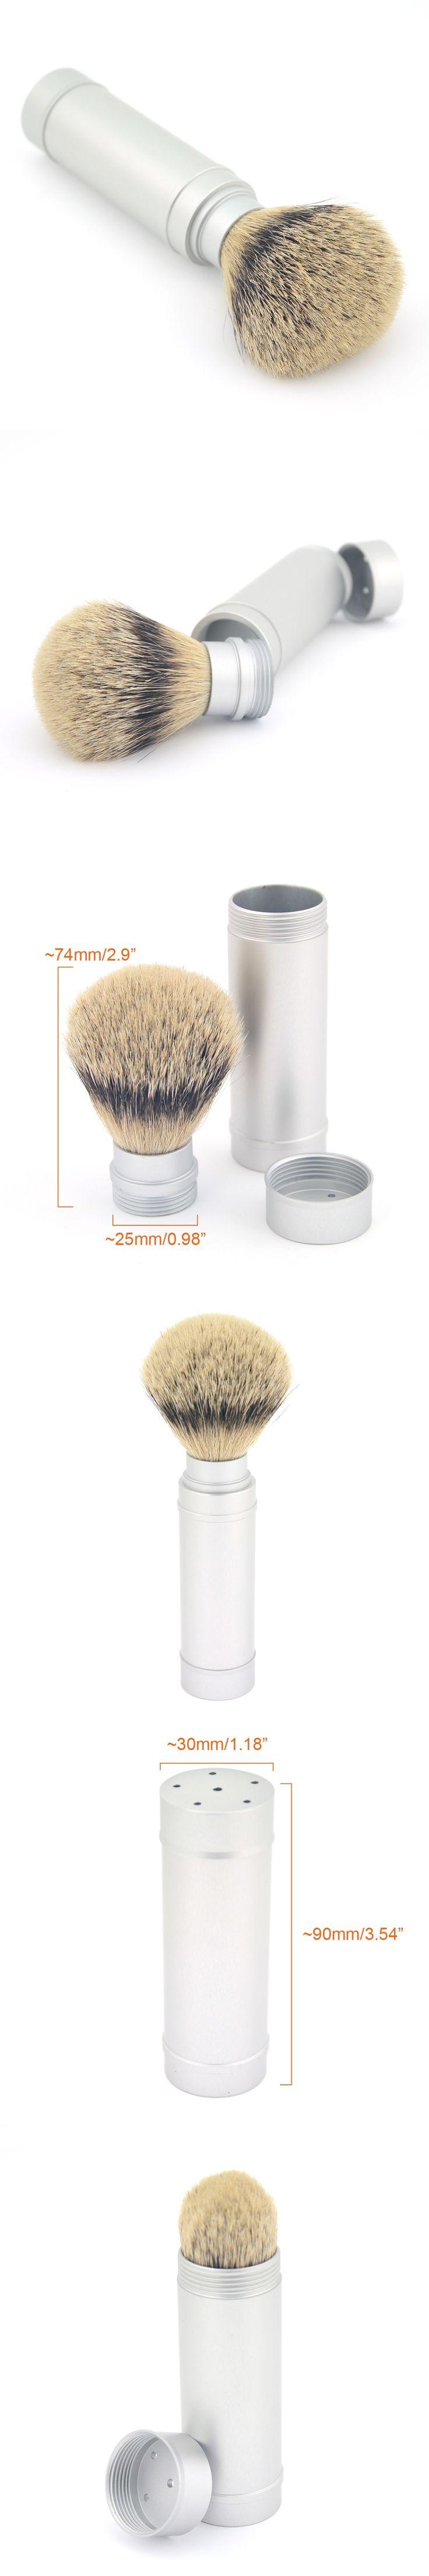 ZY Pure Silvertip Badger Hair Men Wet Shaving Beard Brush Metal Aluminum Travel Shaving Soap Cream Brush